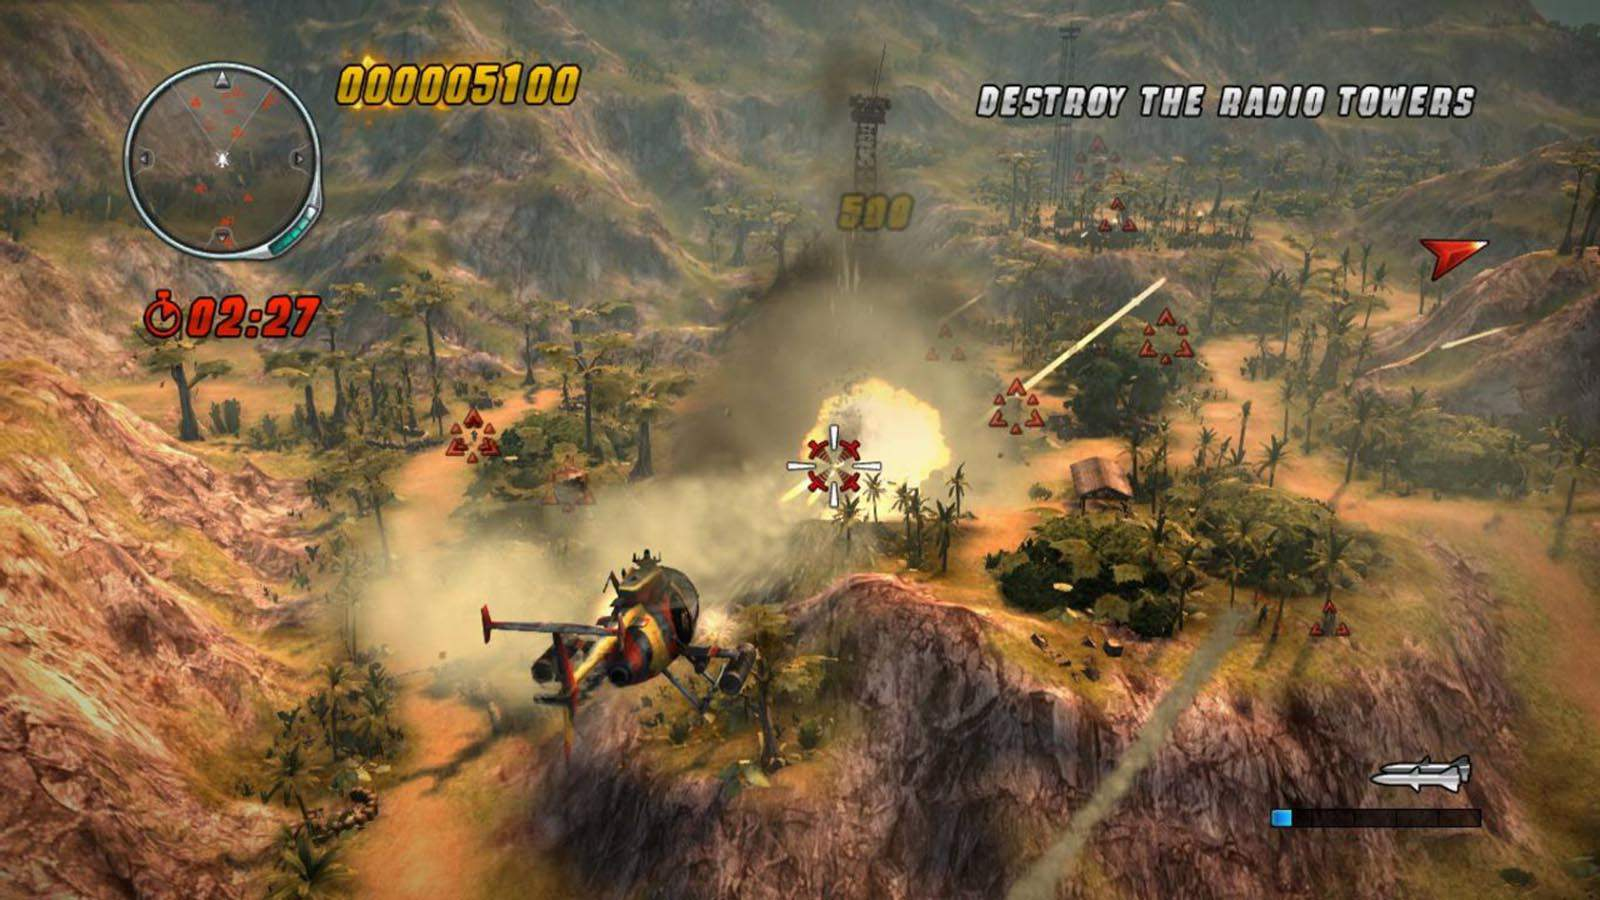 تحميل لعبة Thunder Wolves مضغوطة برابط واحد مباشر + تورنت كاملة مجانا